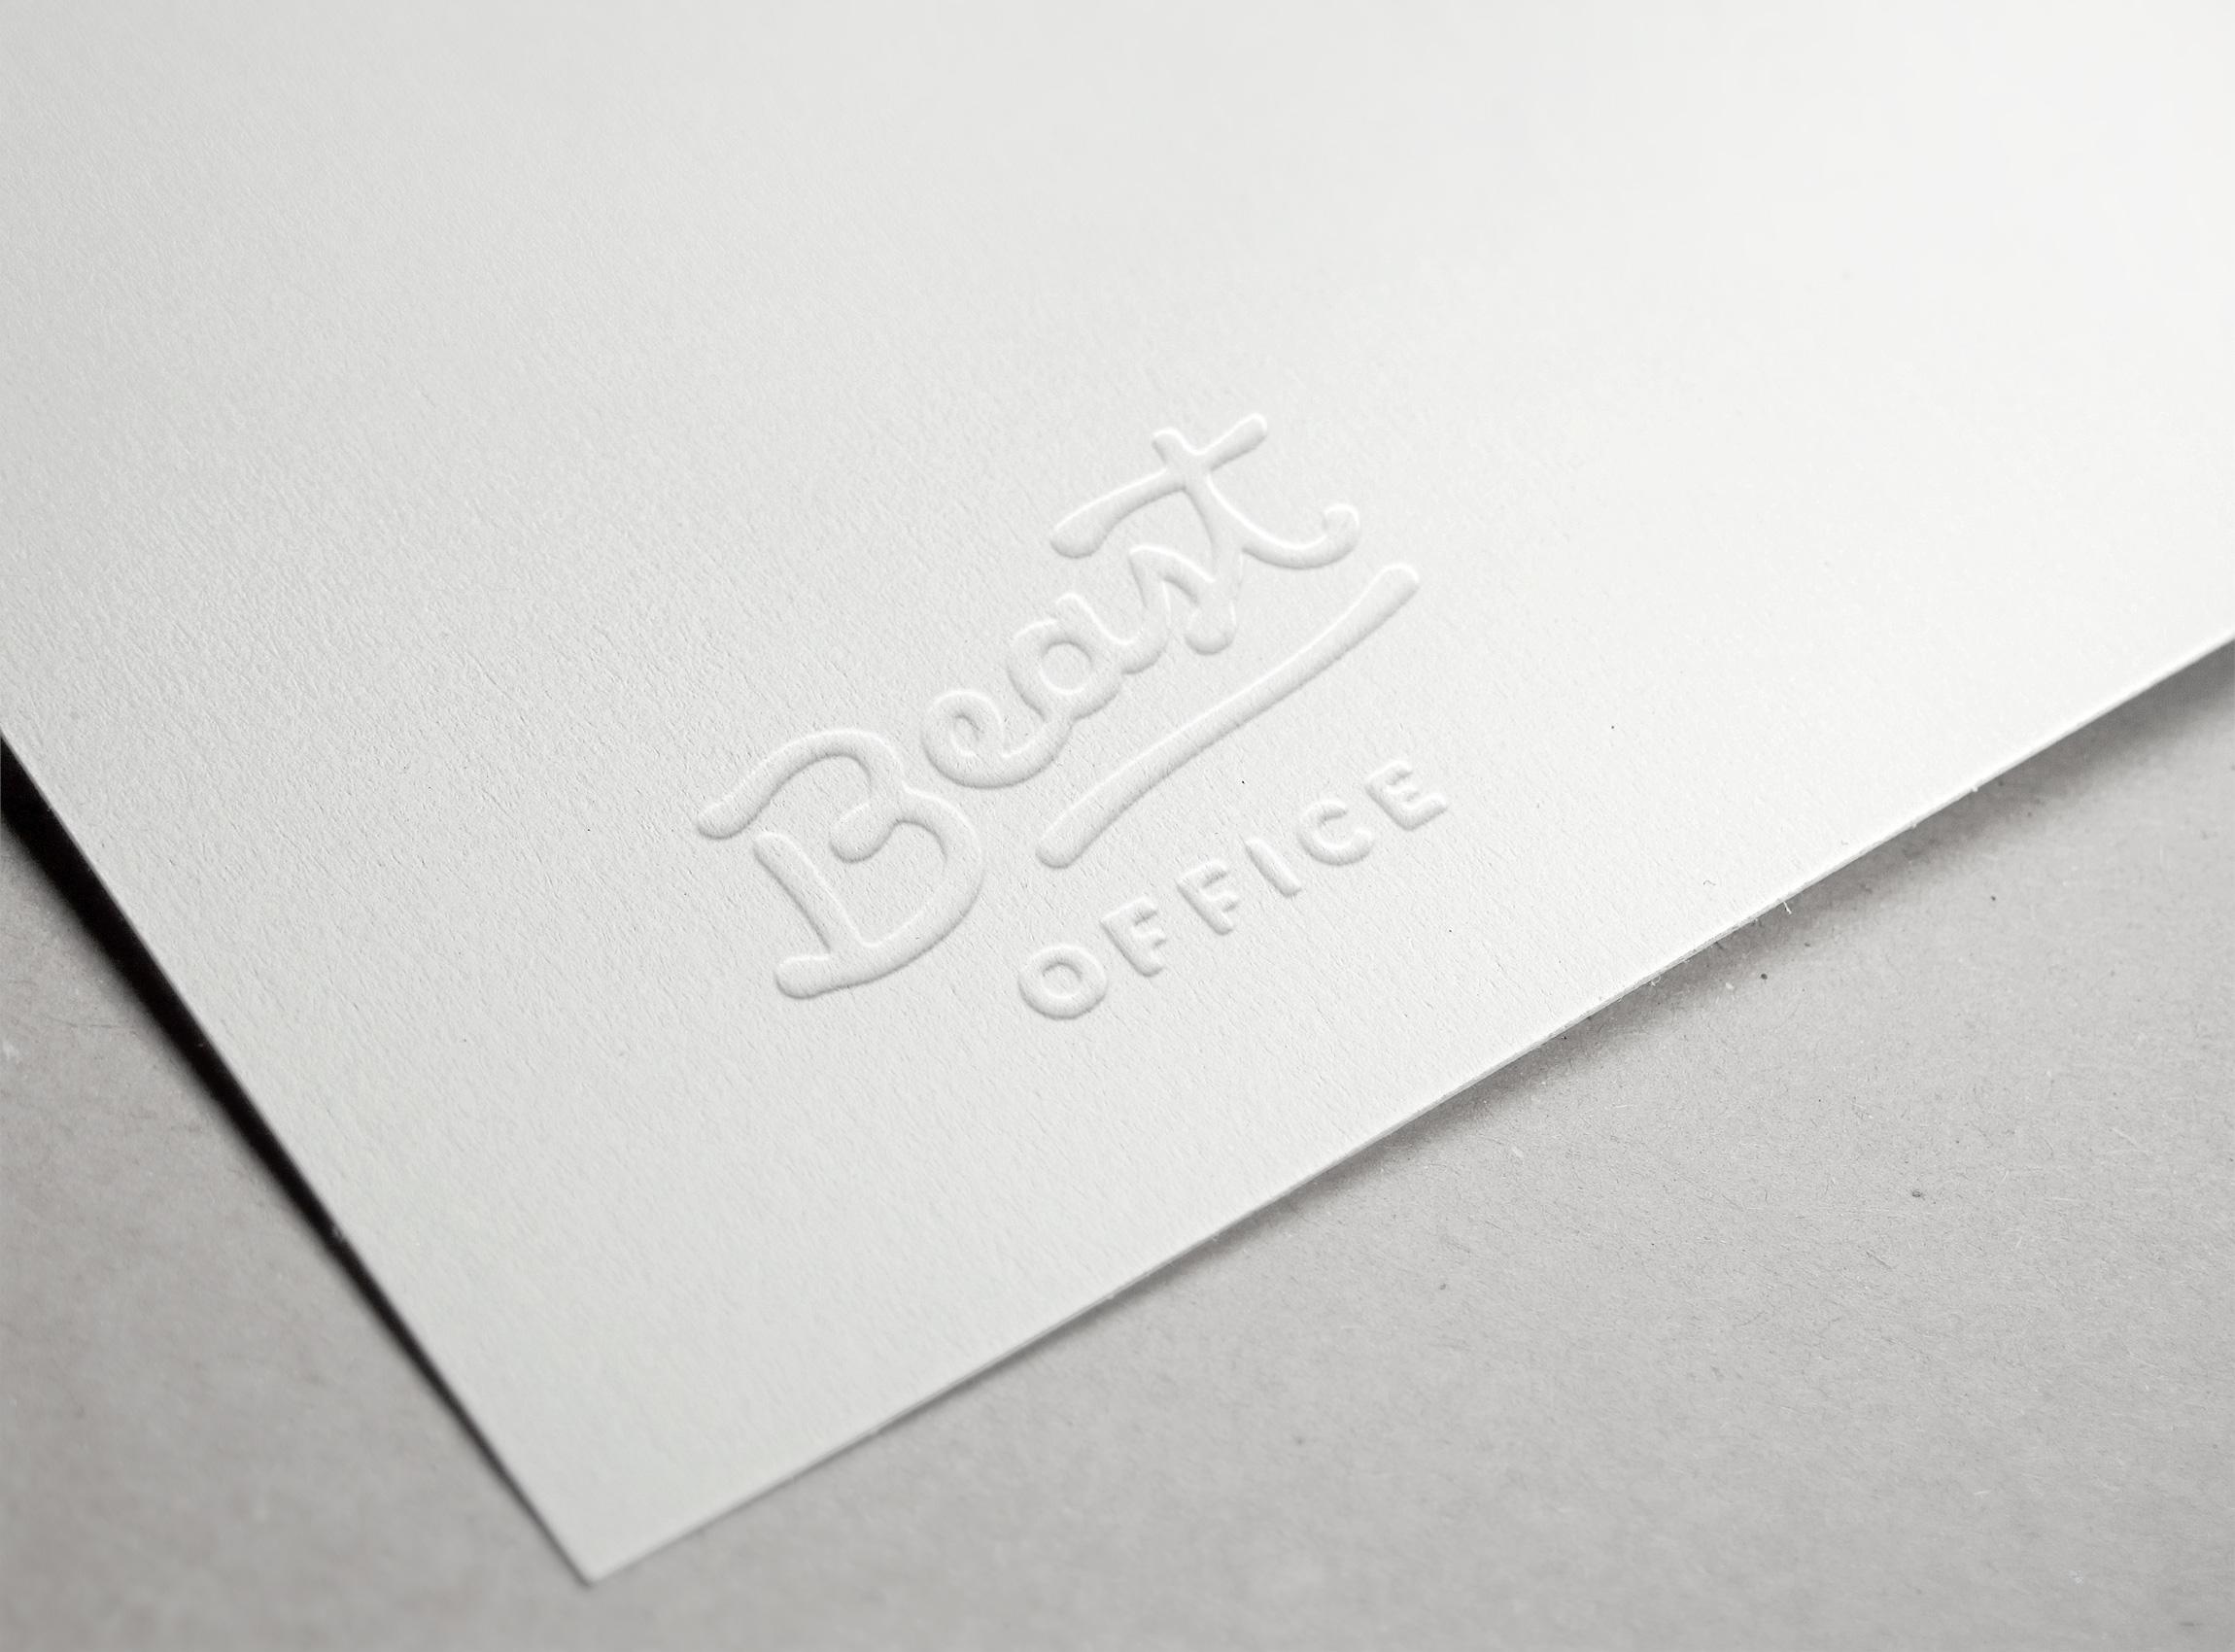 full_beast-office-logo.jpg